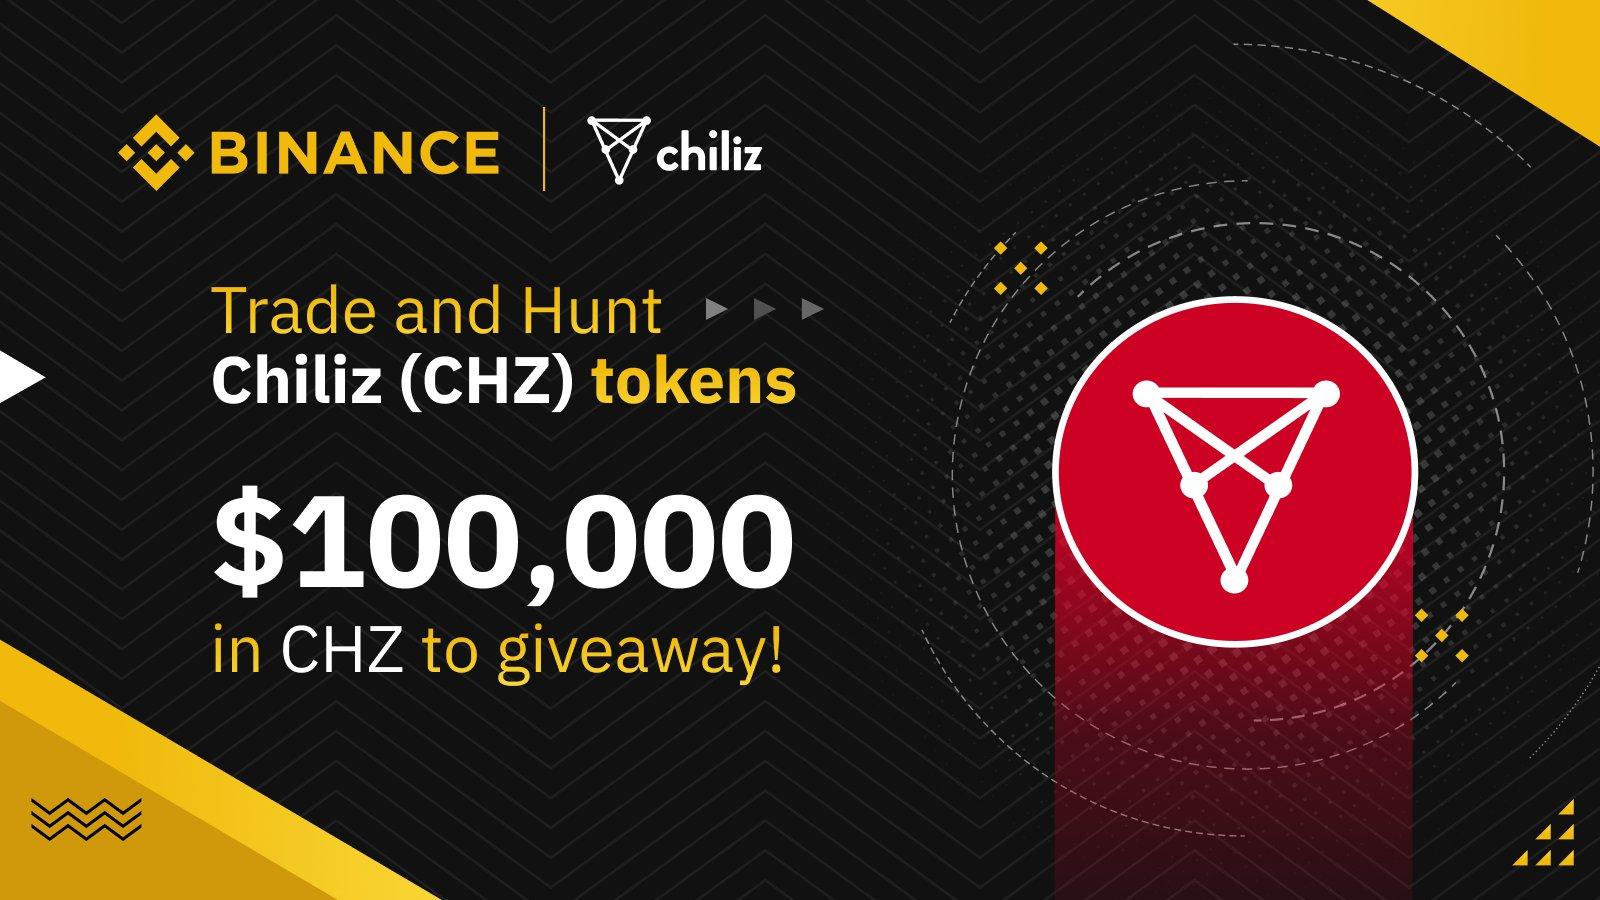 بمناسبة انضمام نادي برشلونة... منصة بينانس تقدم جوائز بـ 100,000 دولار من عملات CHZ الرقمية